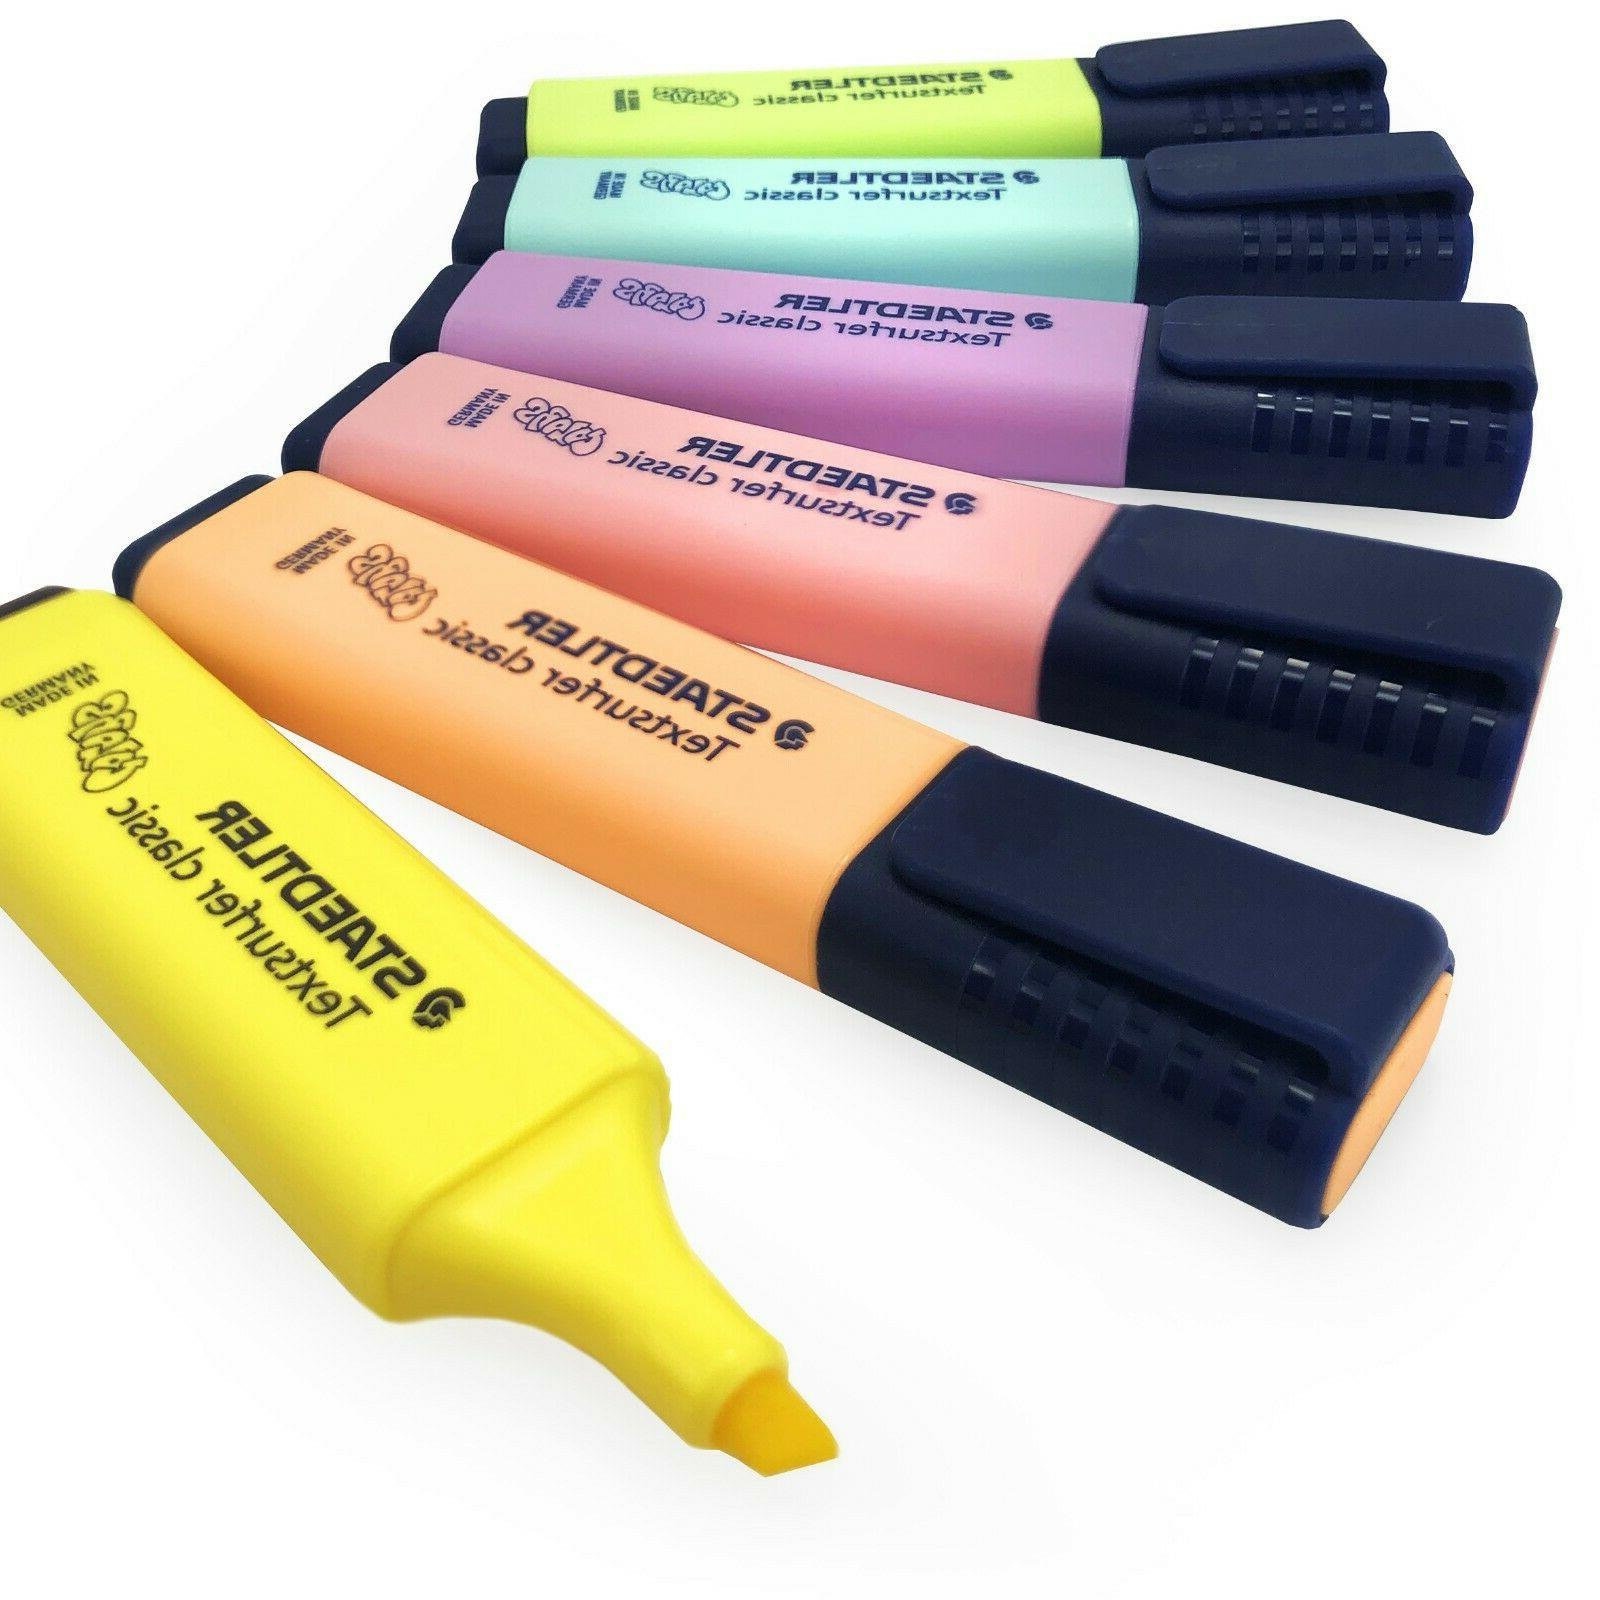 textsurfer classic pastel highlighter marker pens full